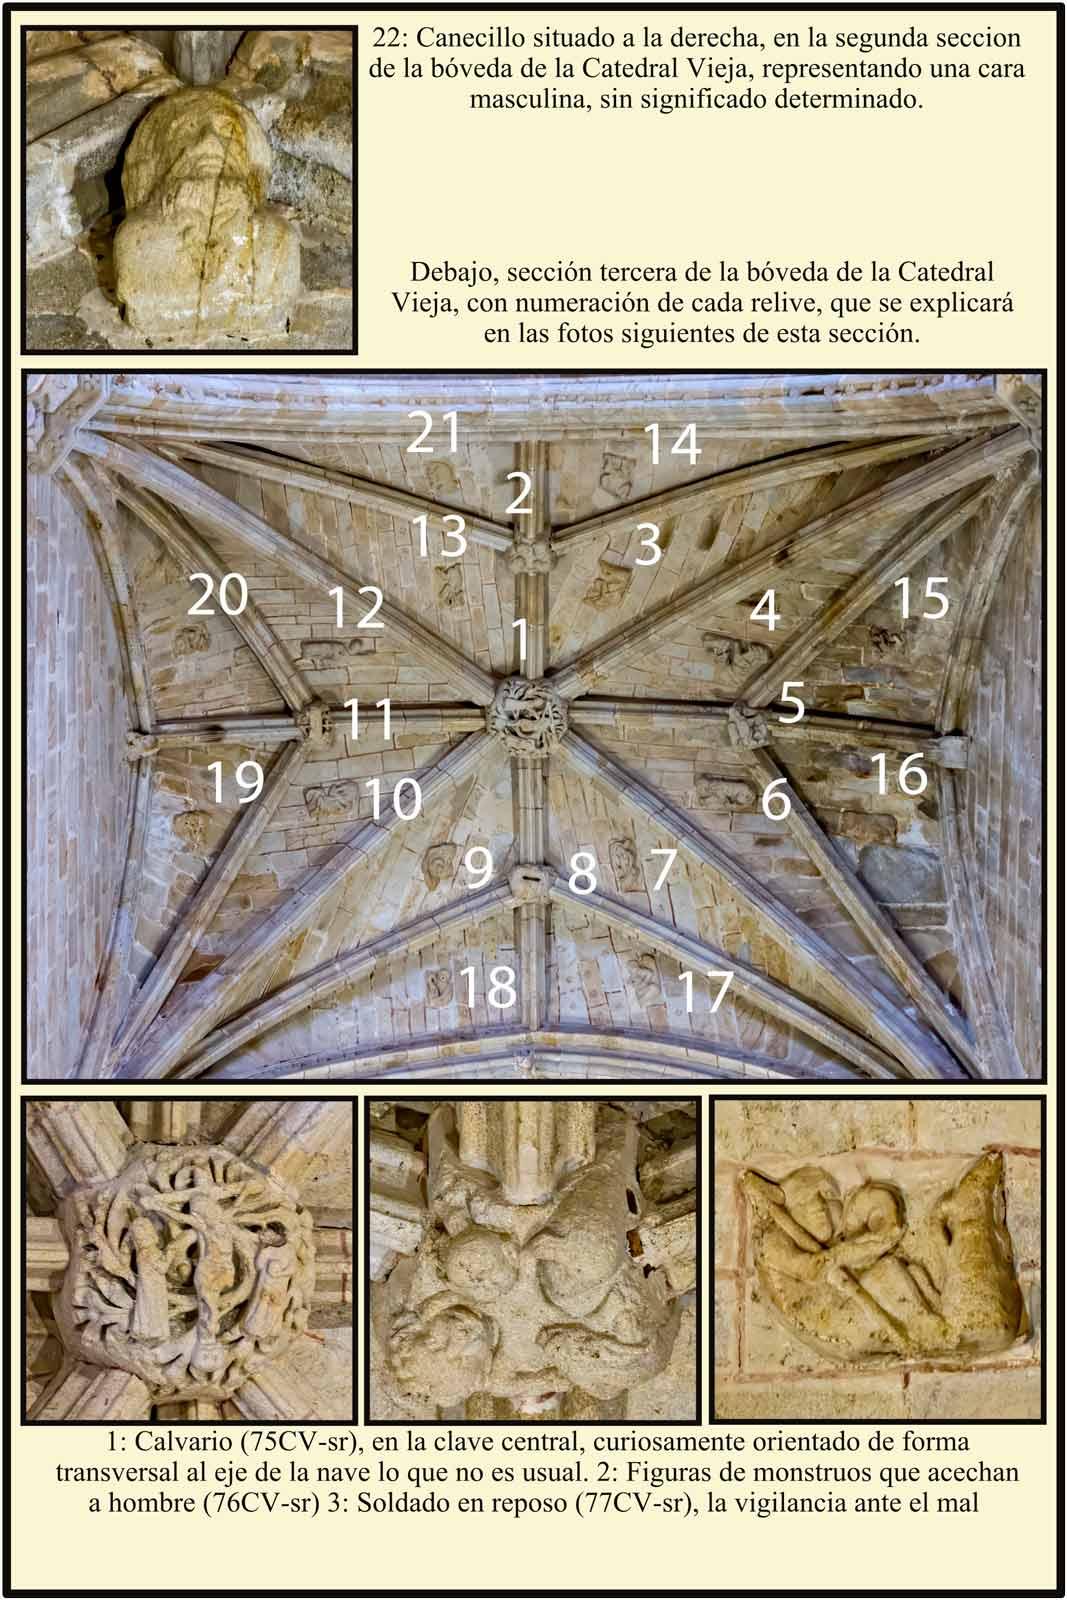 Calvario Soldado en reposo simbolos romanicos en los relieves de la Catedral vieja